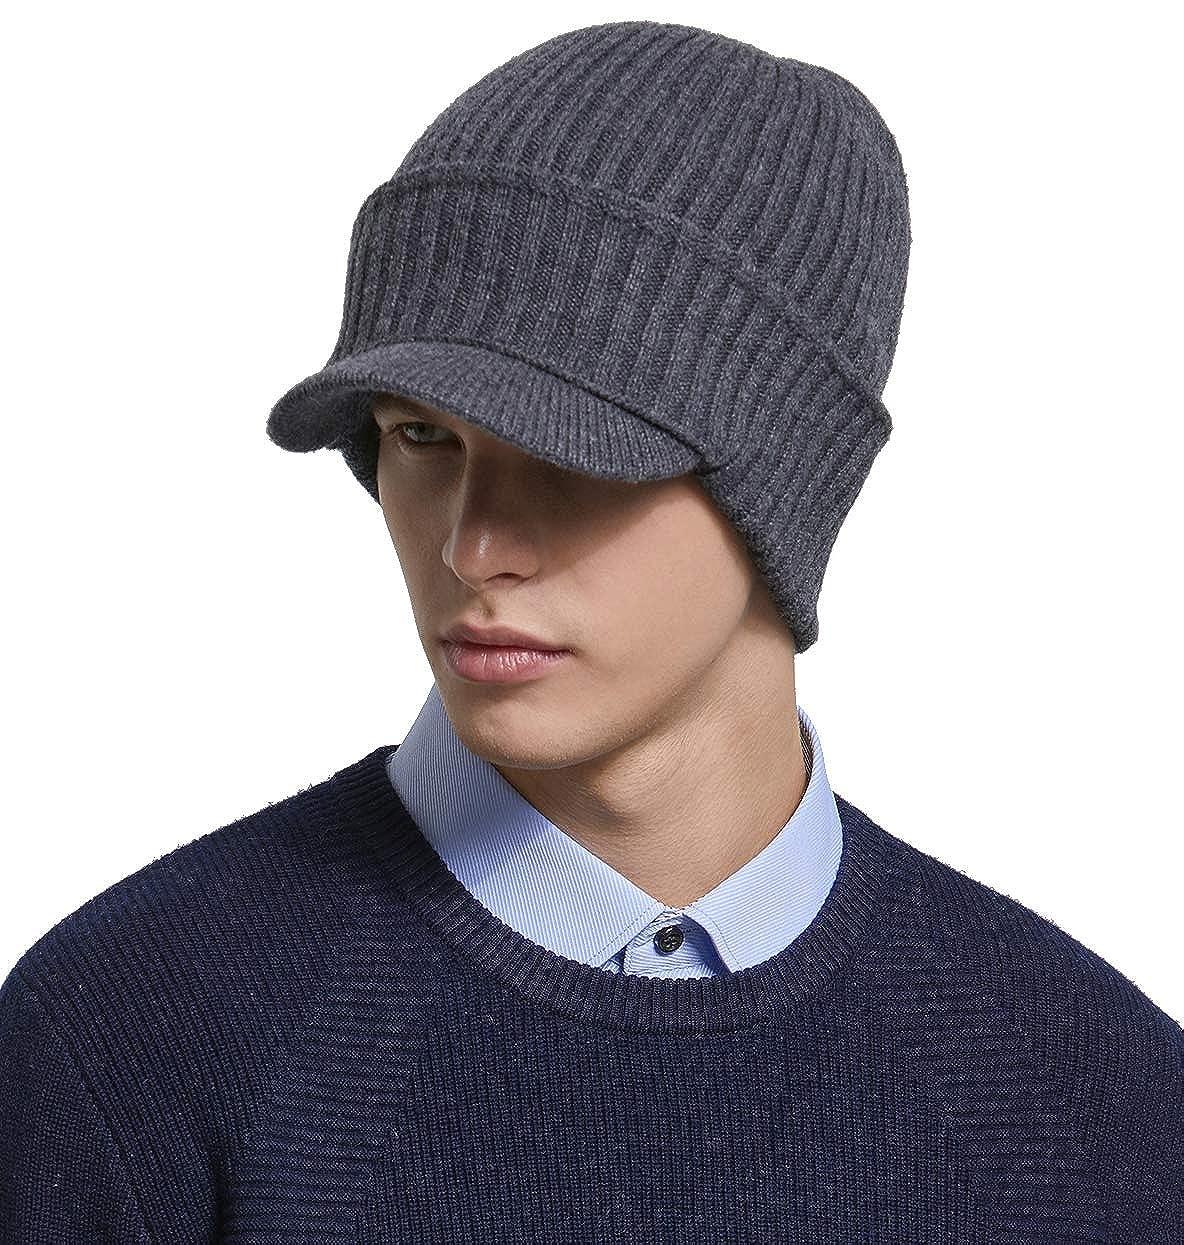 RIONA Mens 100/% Australian Merino Wool Knit Visor Beanie Hat w//Visor Warm Skull Caps